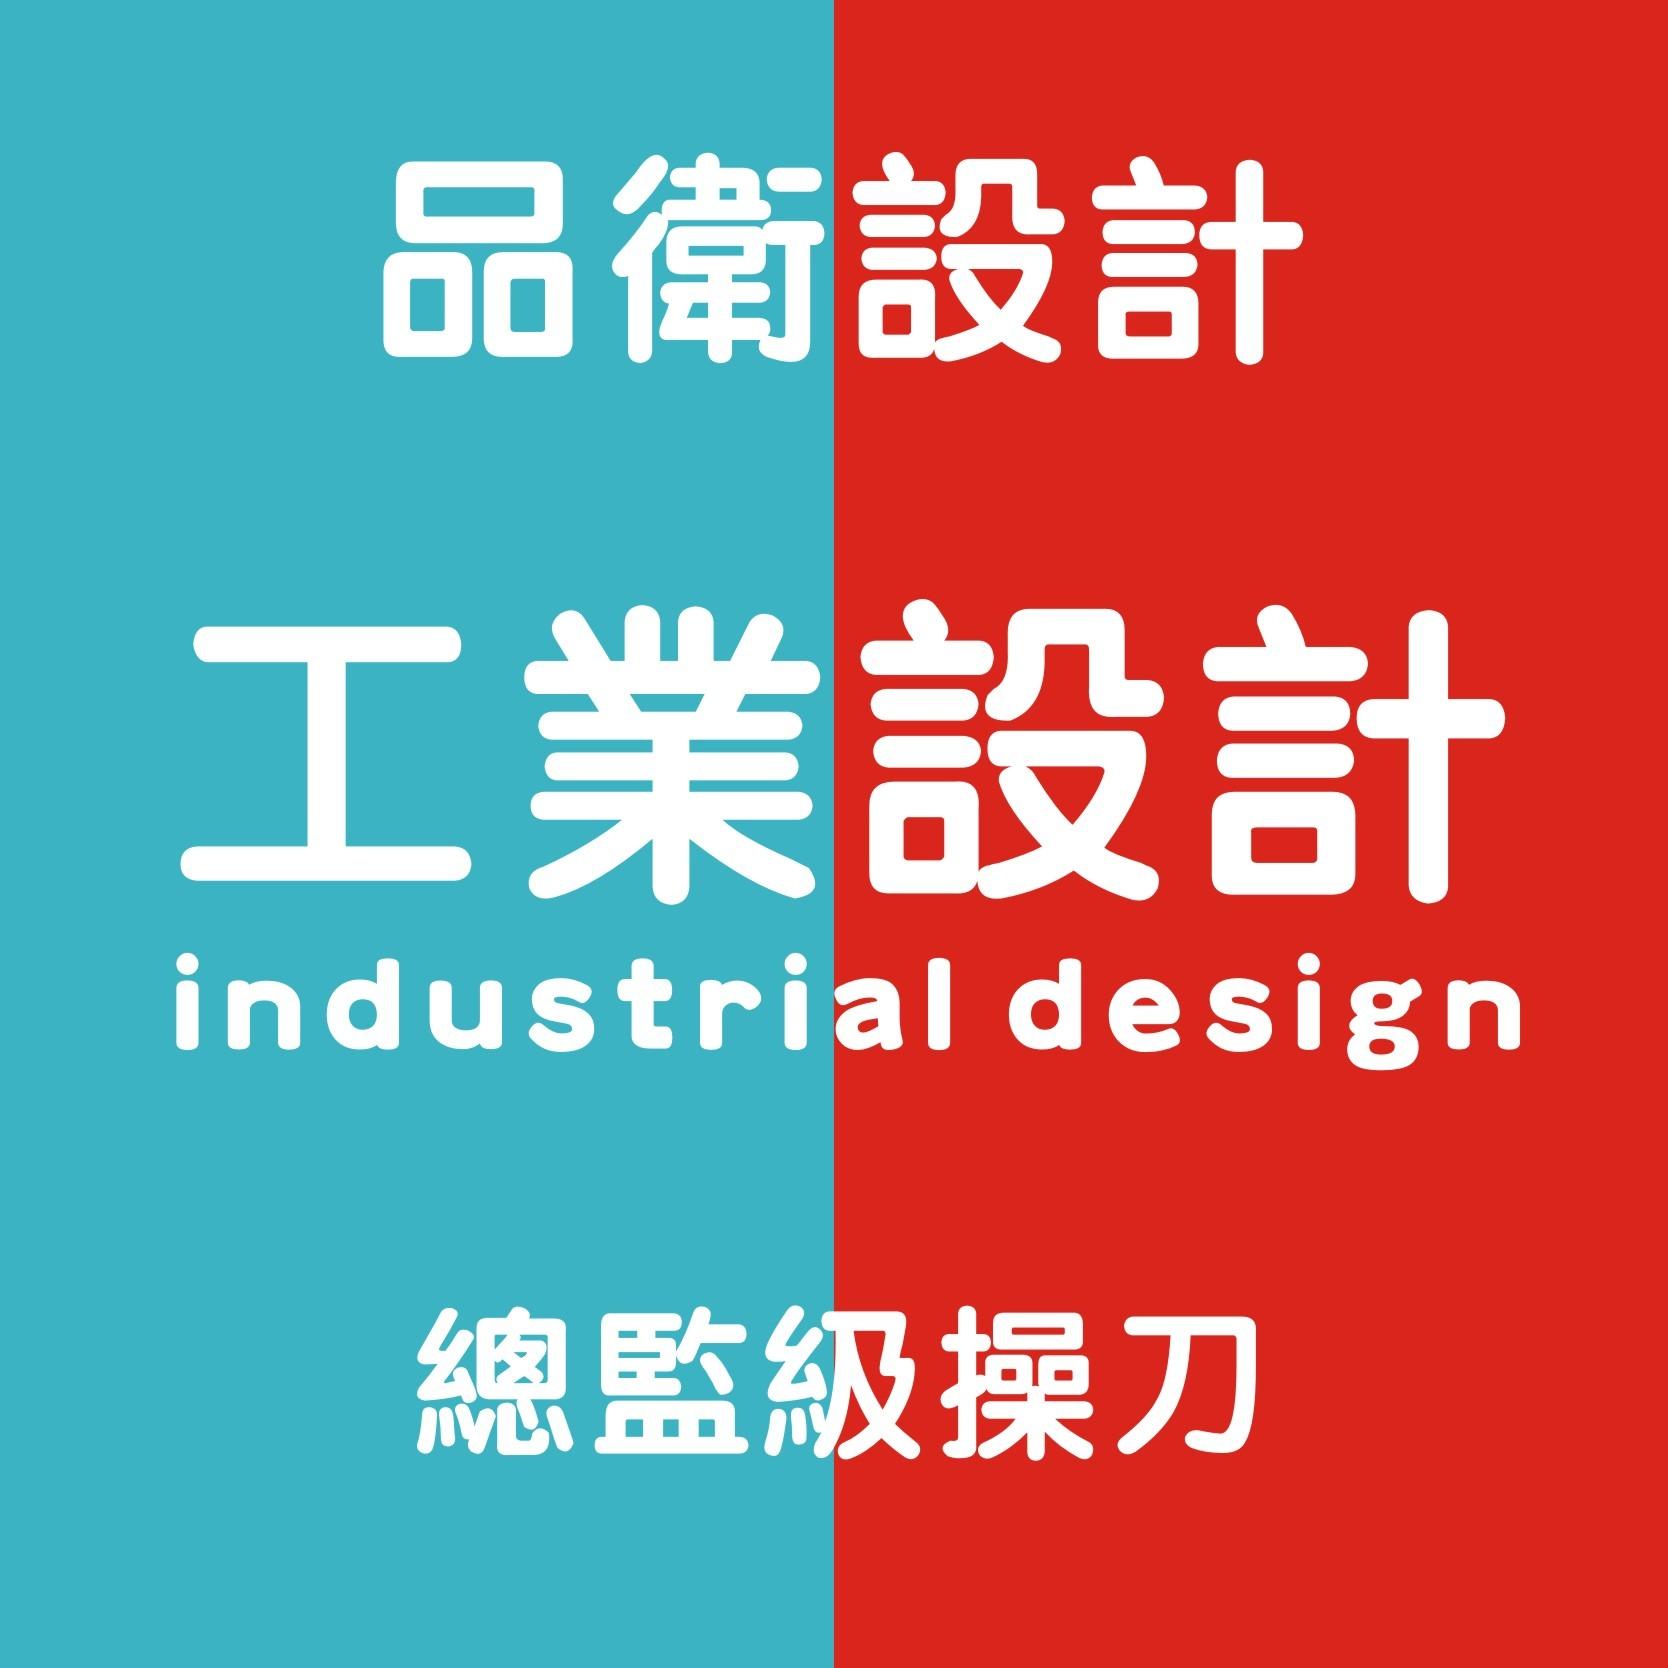 智能穿戴/外观设计/工业设计/产品外观设计/产品渲染效果图